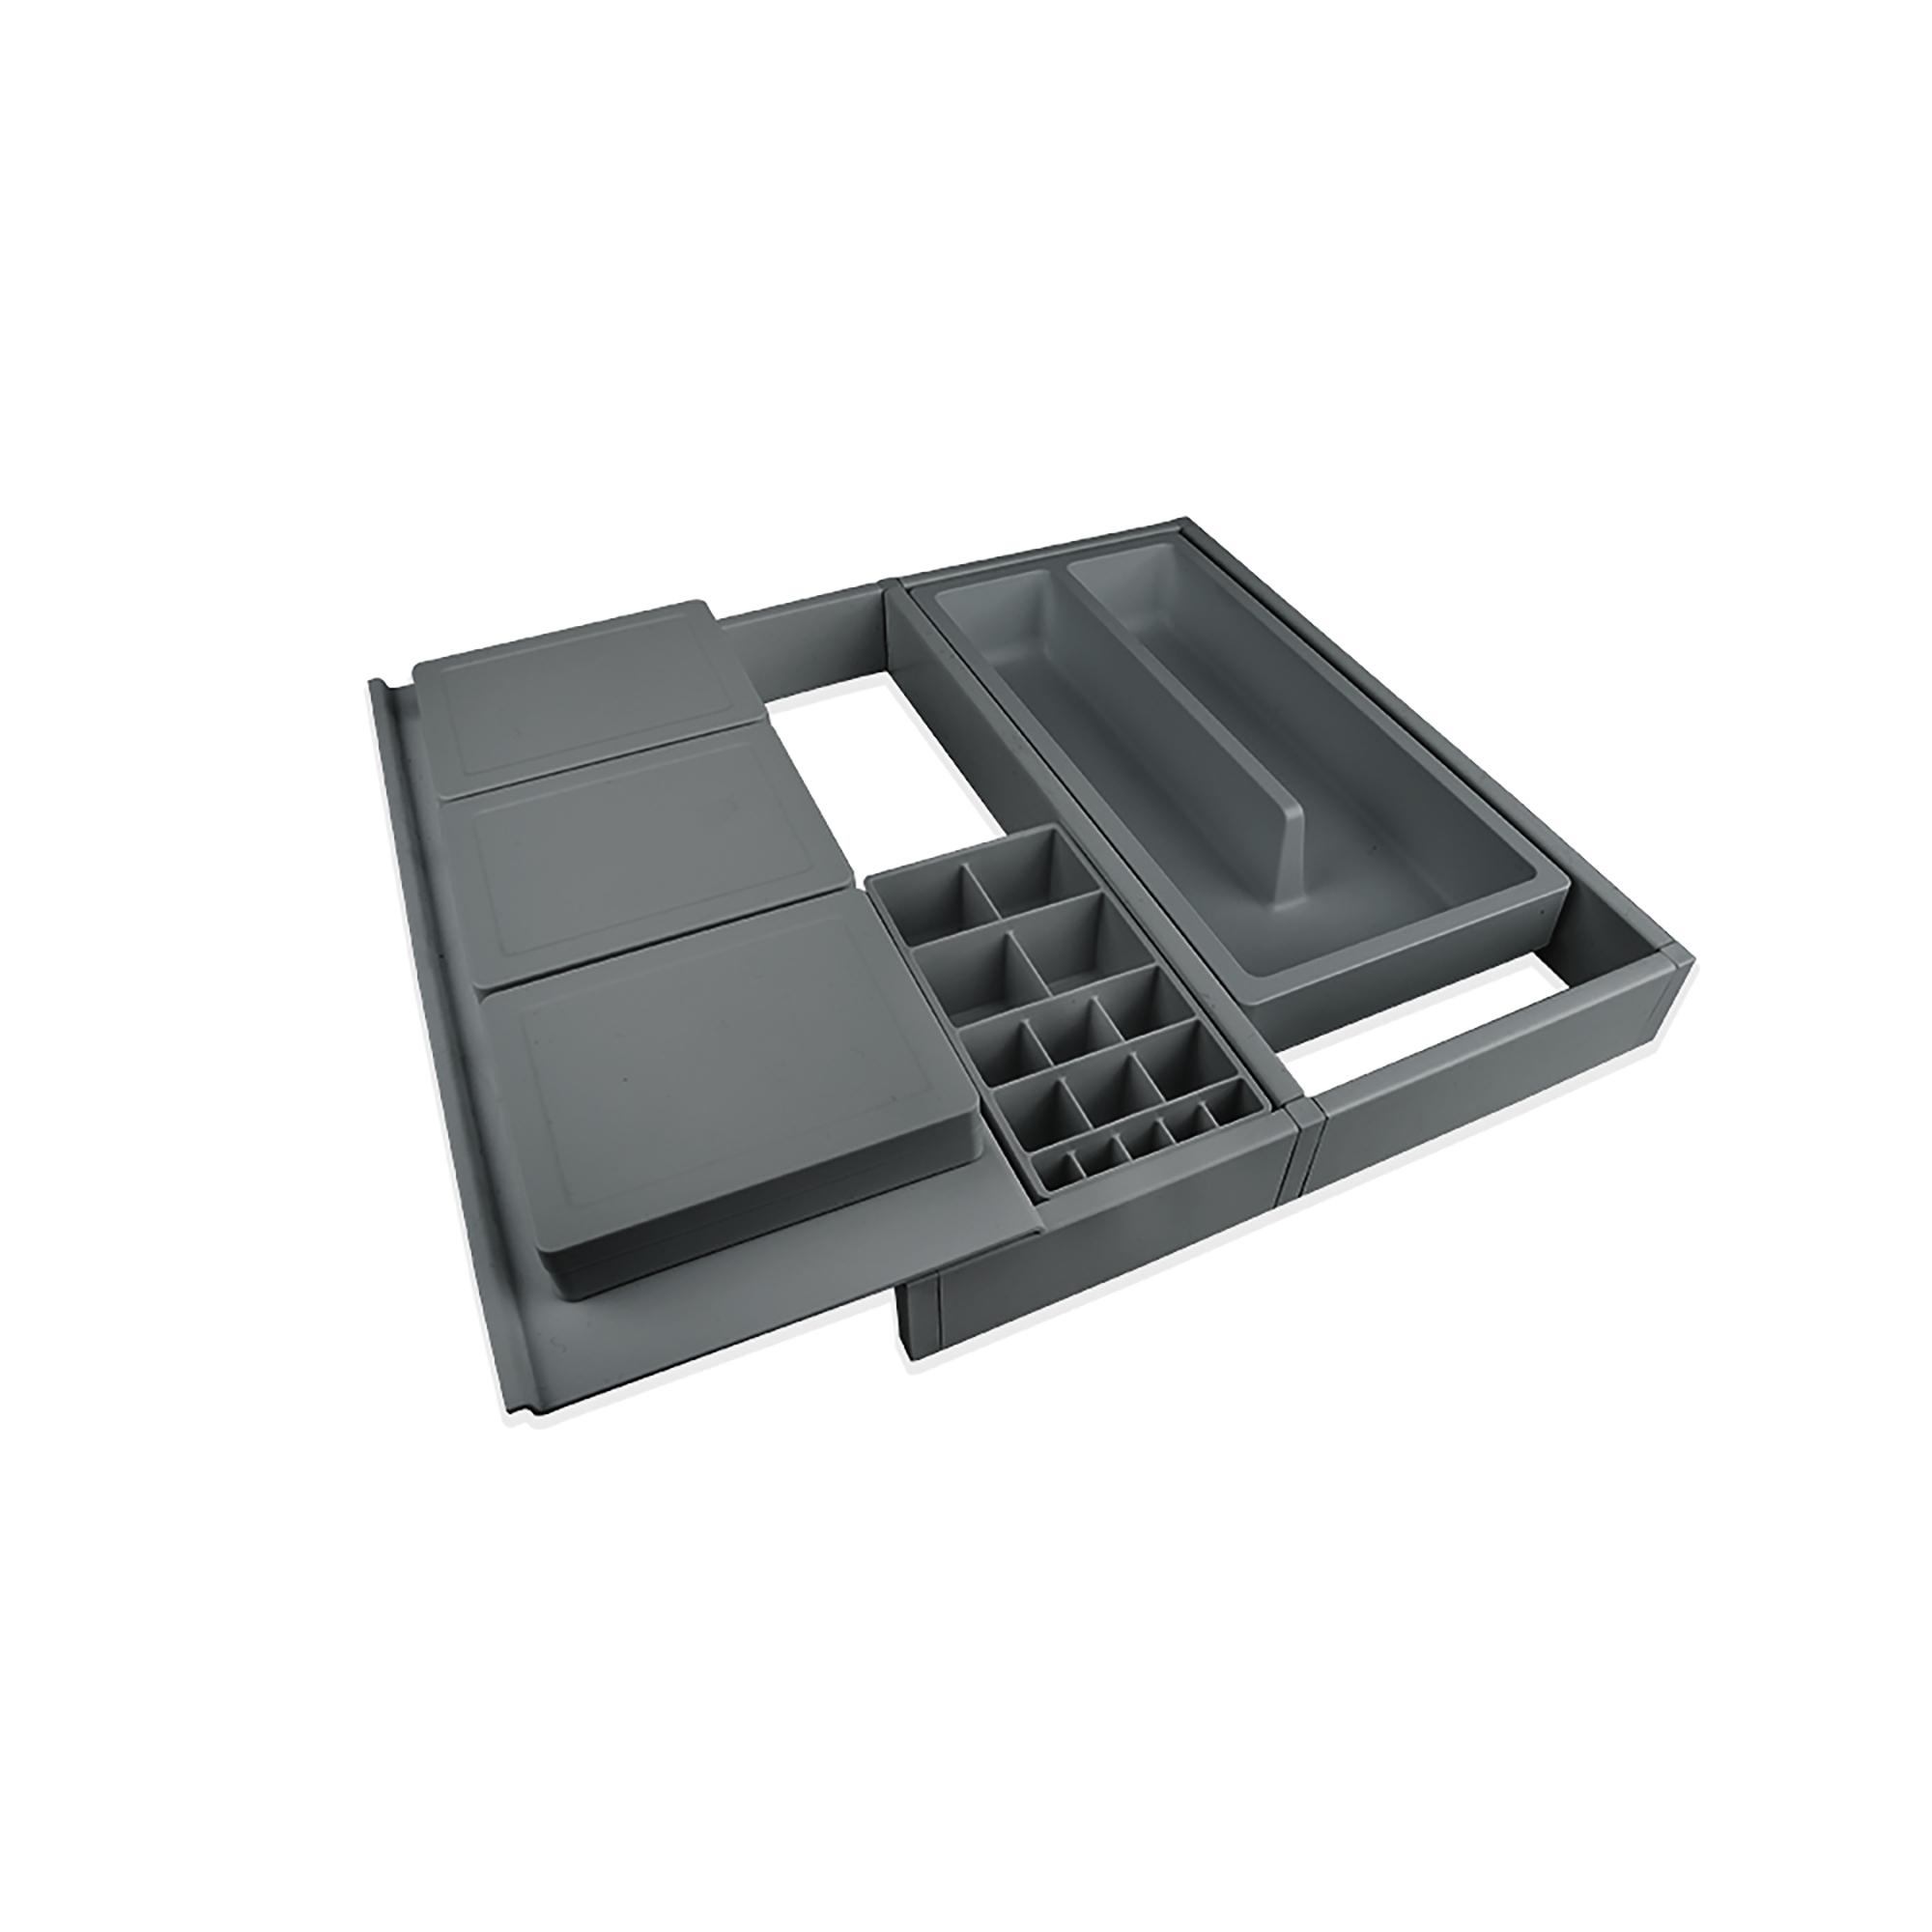 Emuca Organizzatore cassetti da bagno, regolabile 307-402 mm, Plastica, Grigio antracite